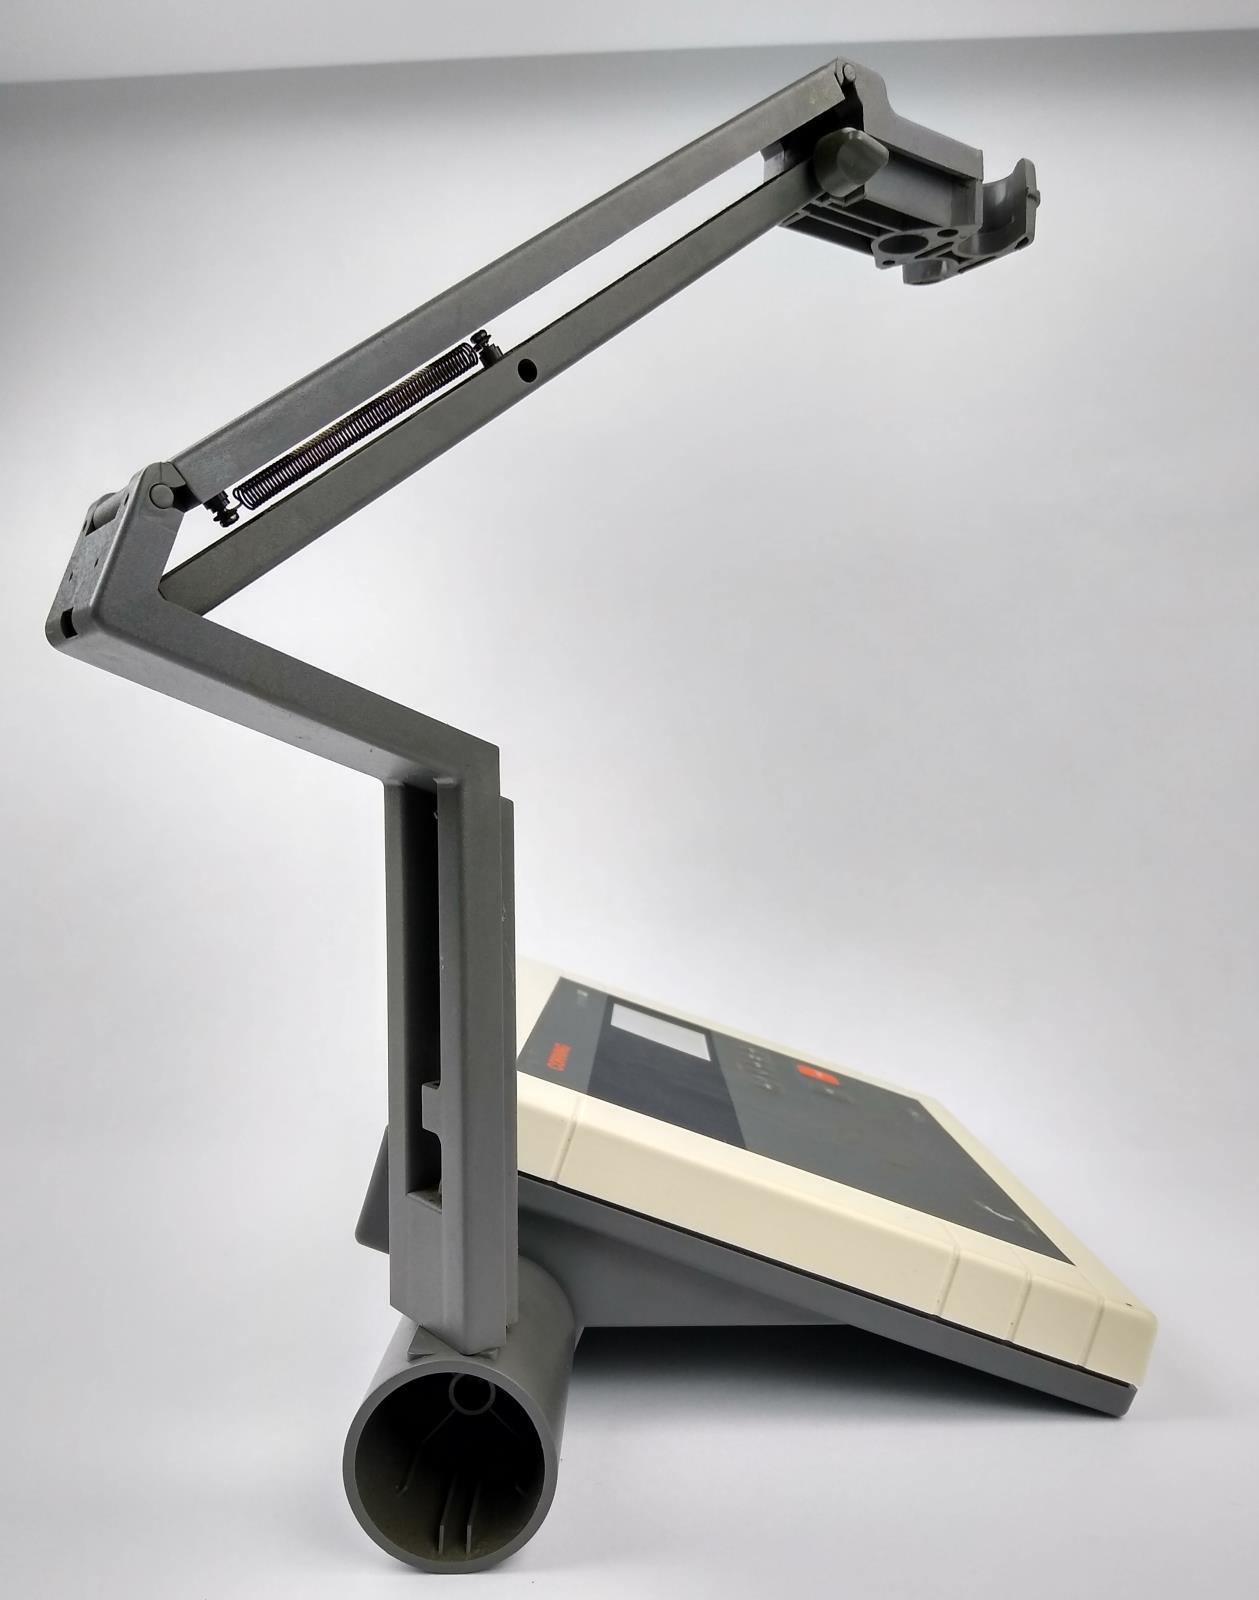 corning ph meter 340 manual pdf